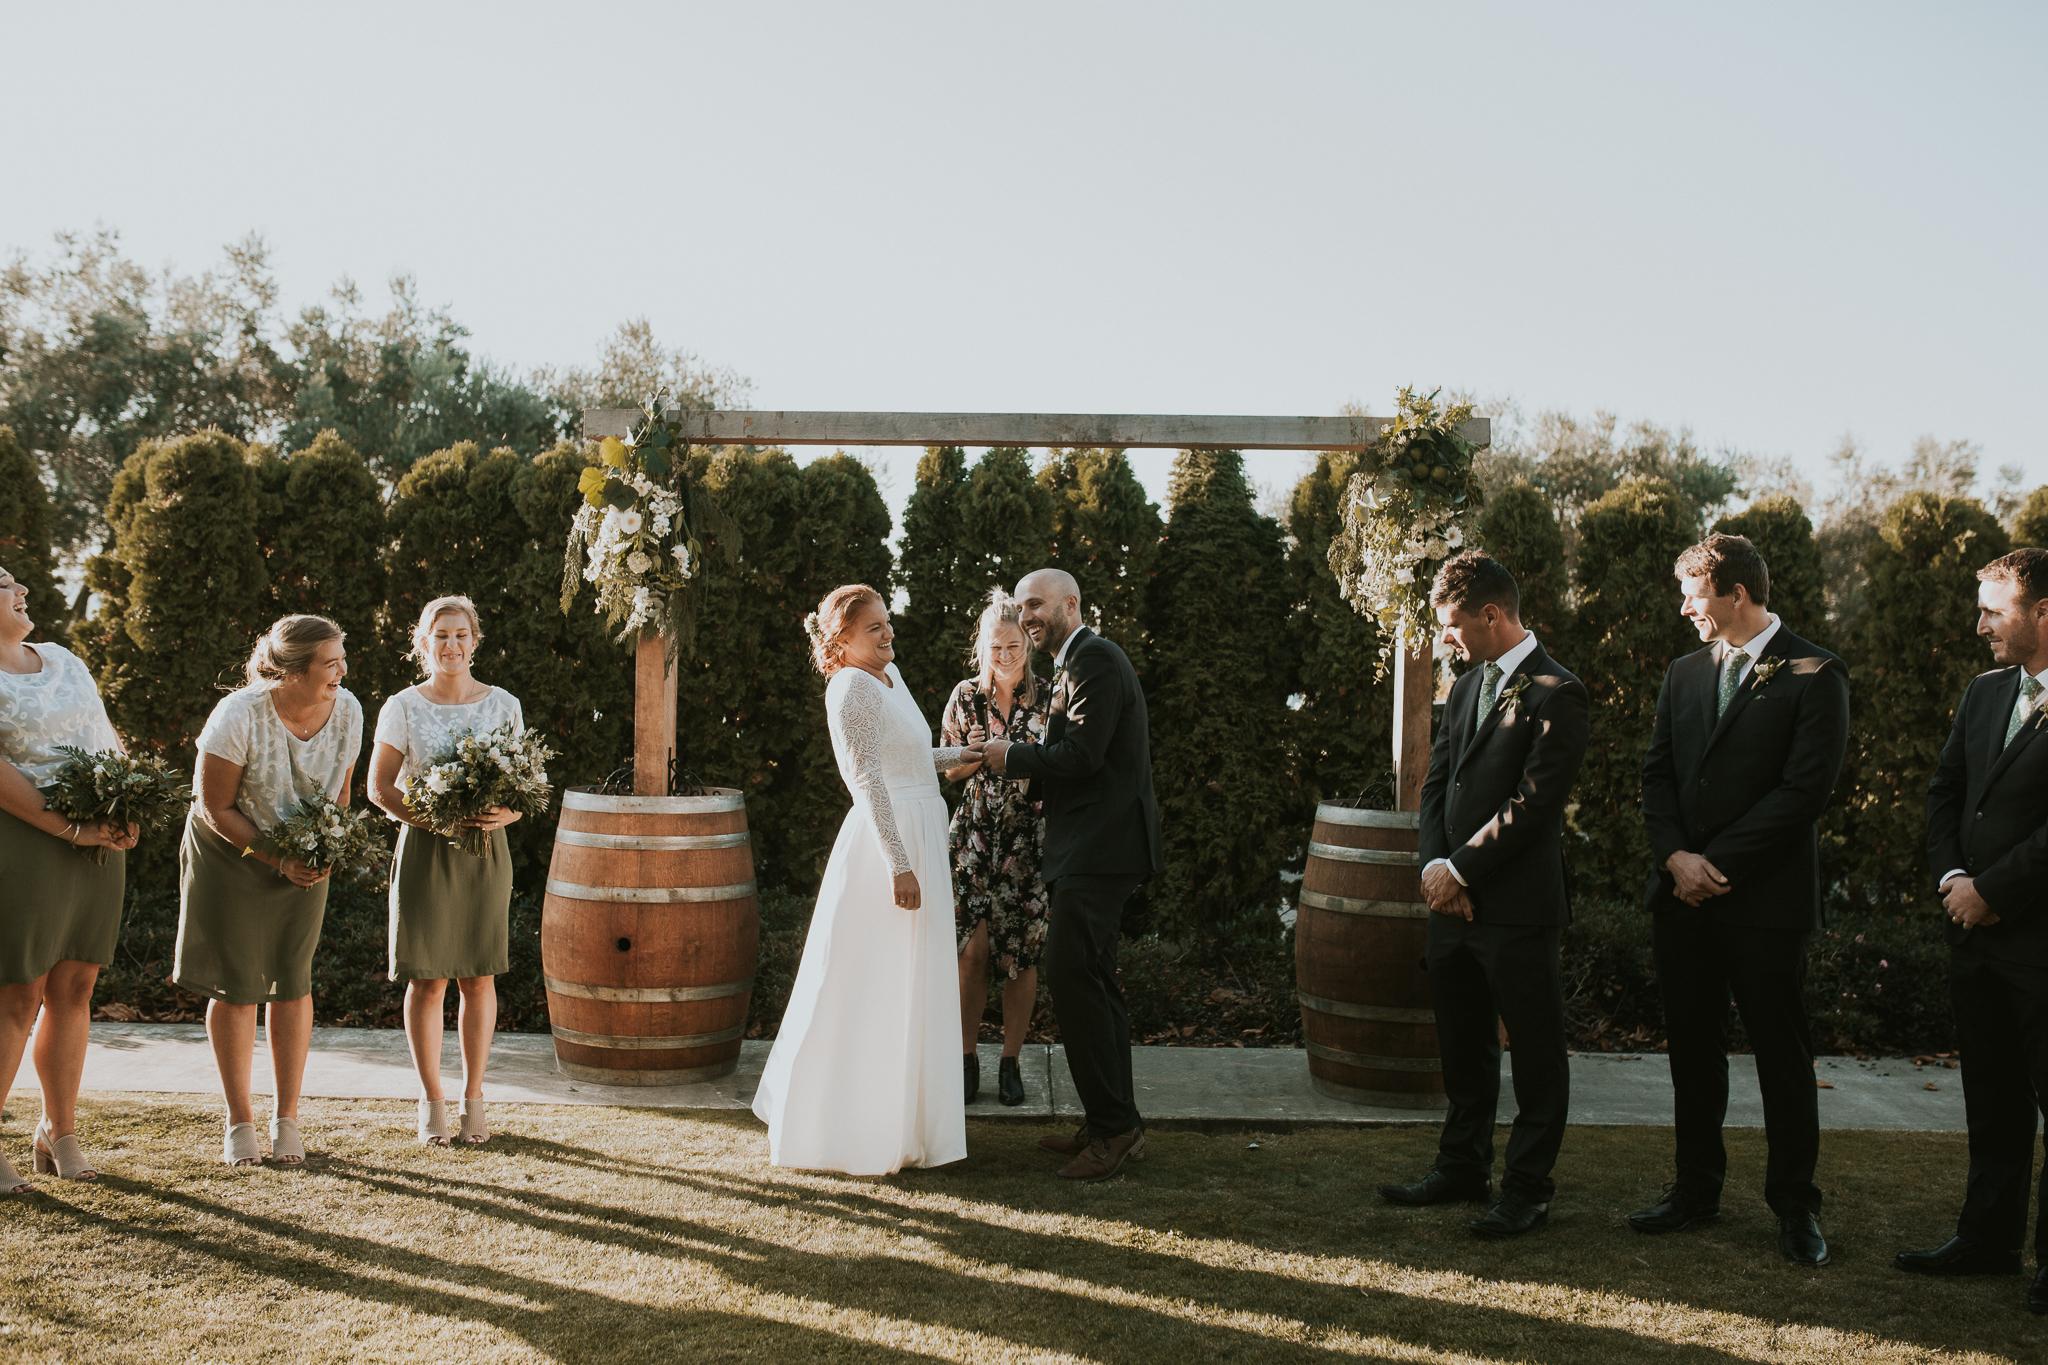 wedding photographer hawkes bay , Lisa Fisher Photography, Selini Winery Wedding -293.jpg